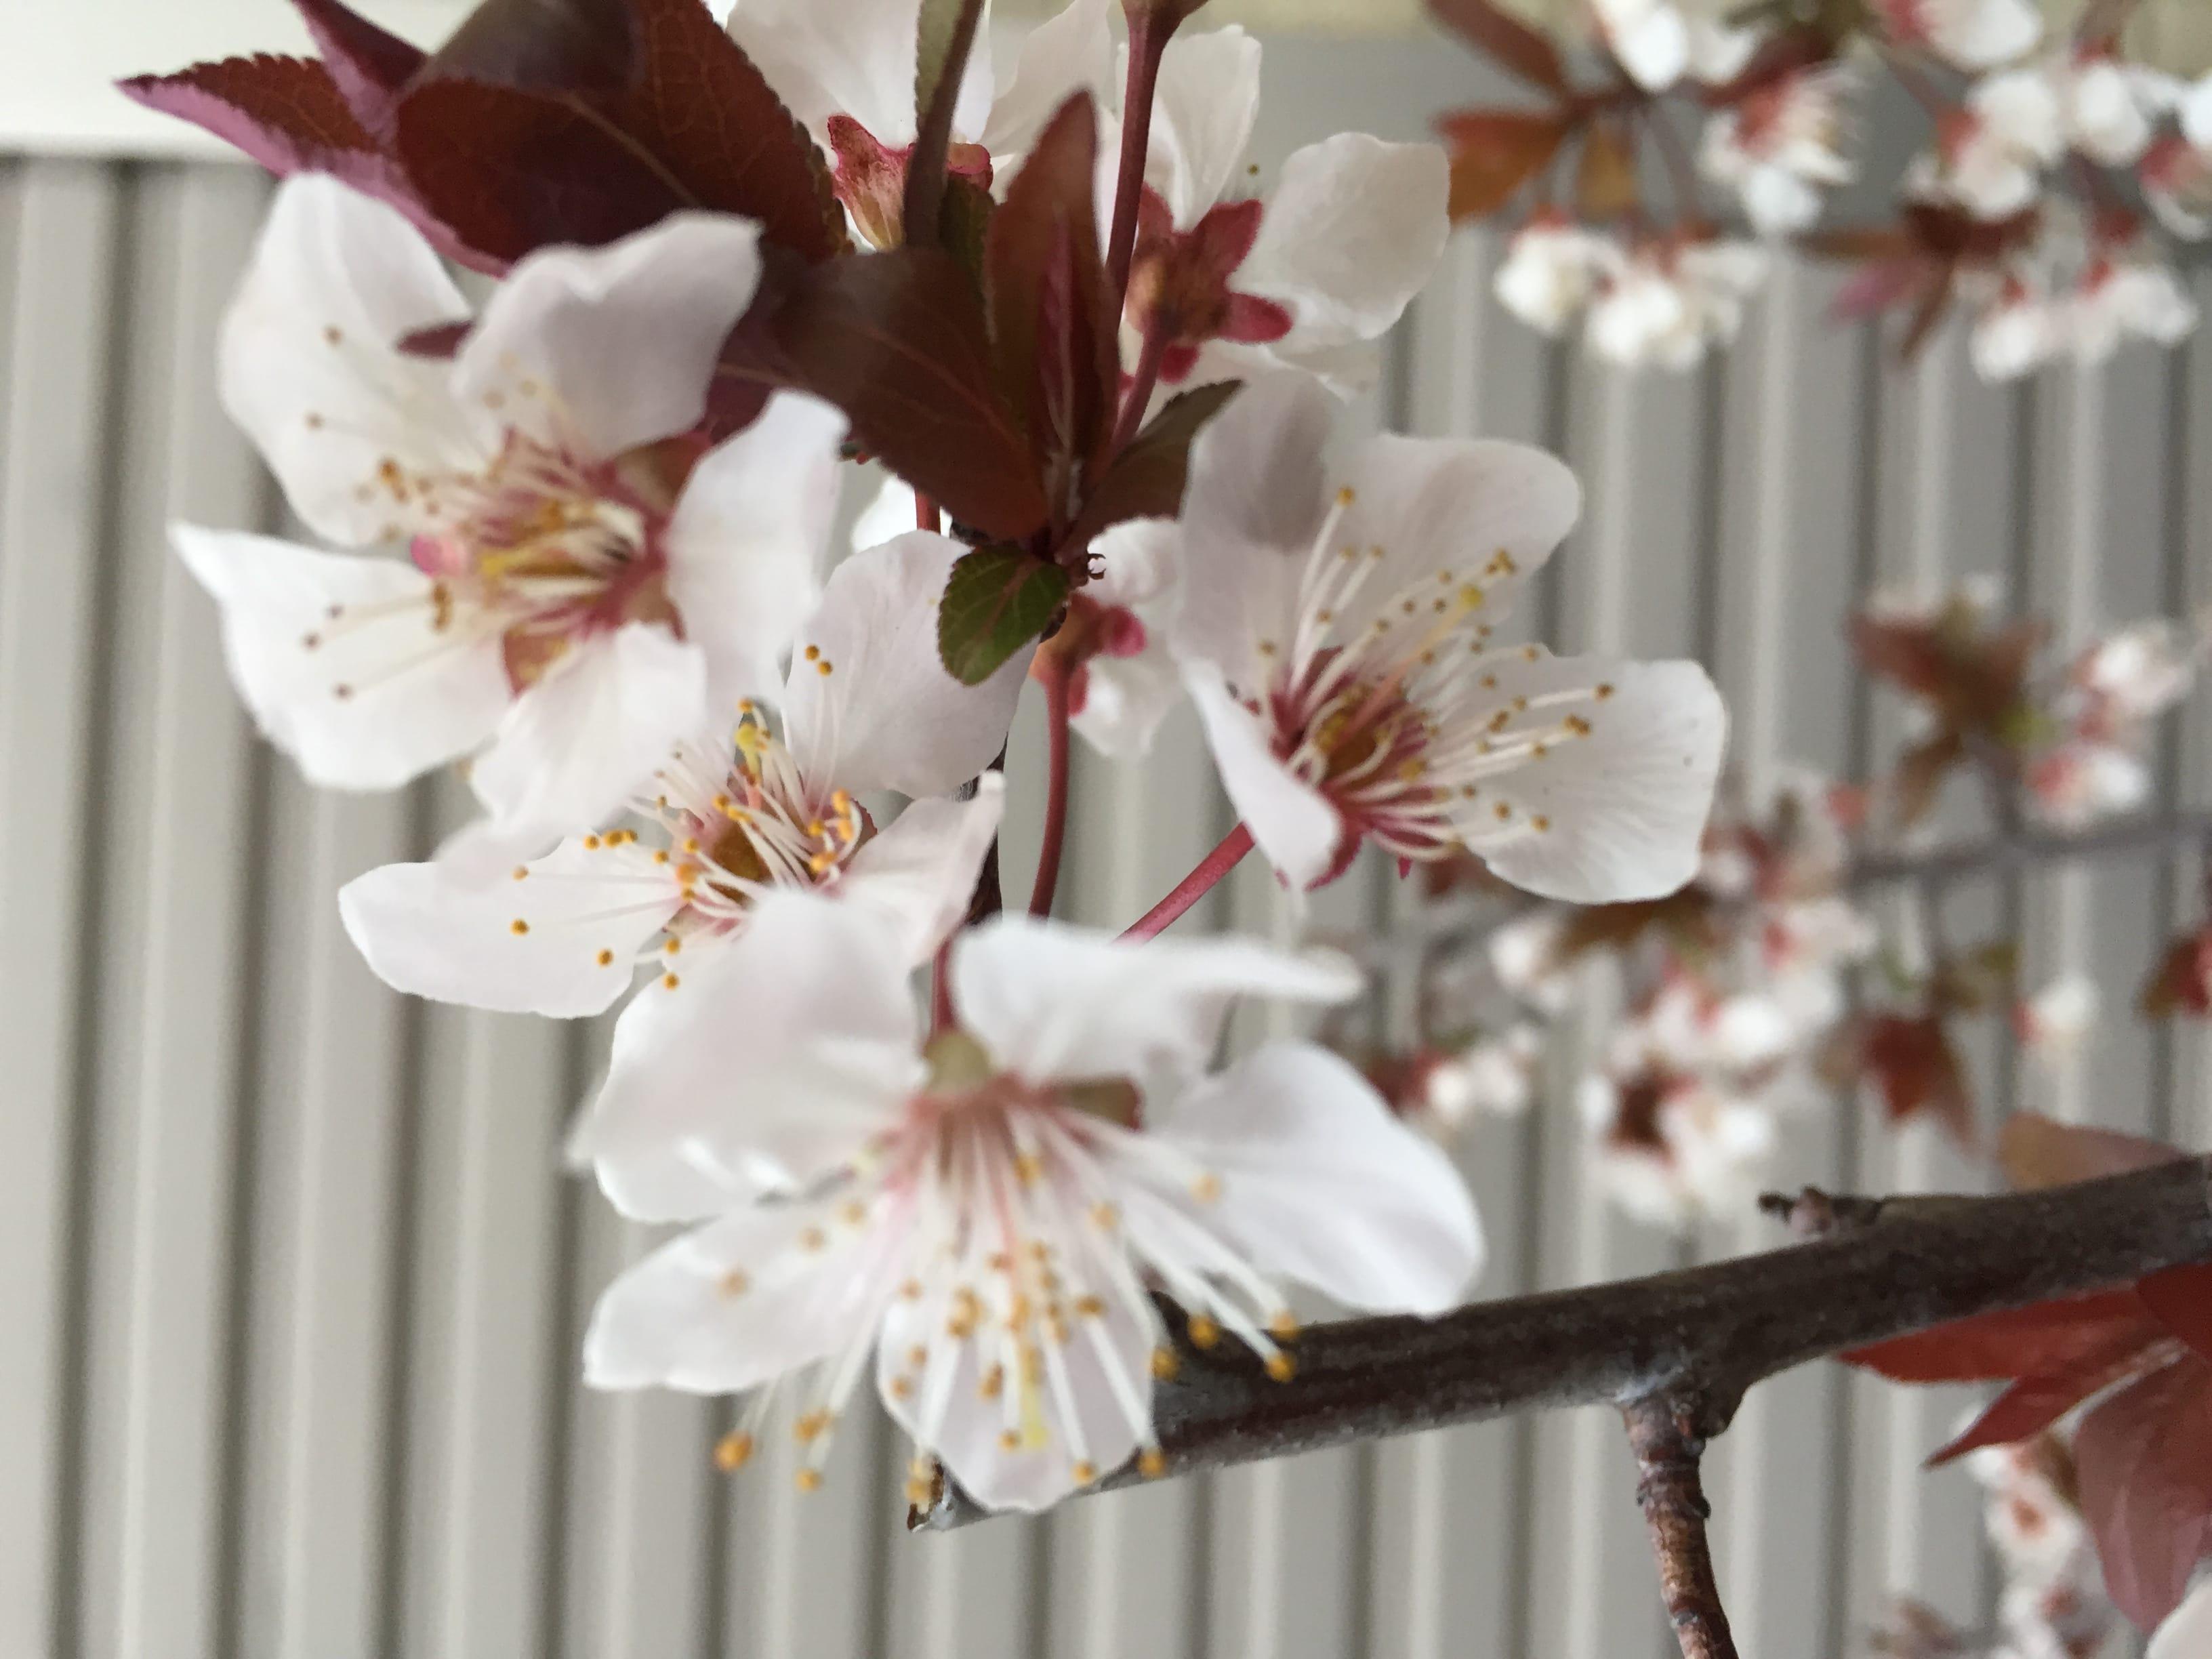 「今日の、ありがとうございま」04/24(火) 22:25 | 牧野かほの写メ・風俗動画